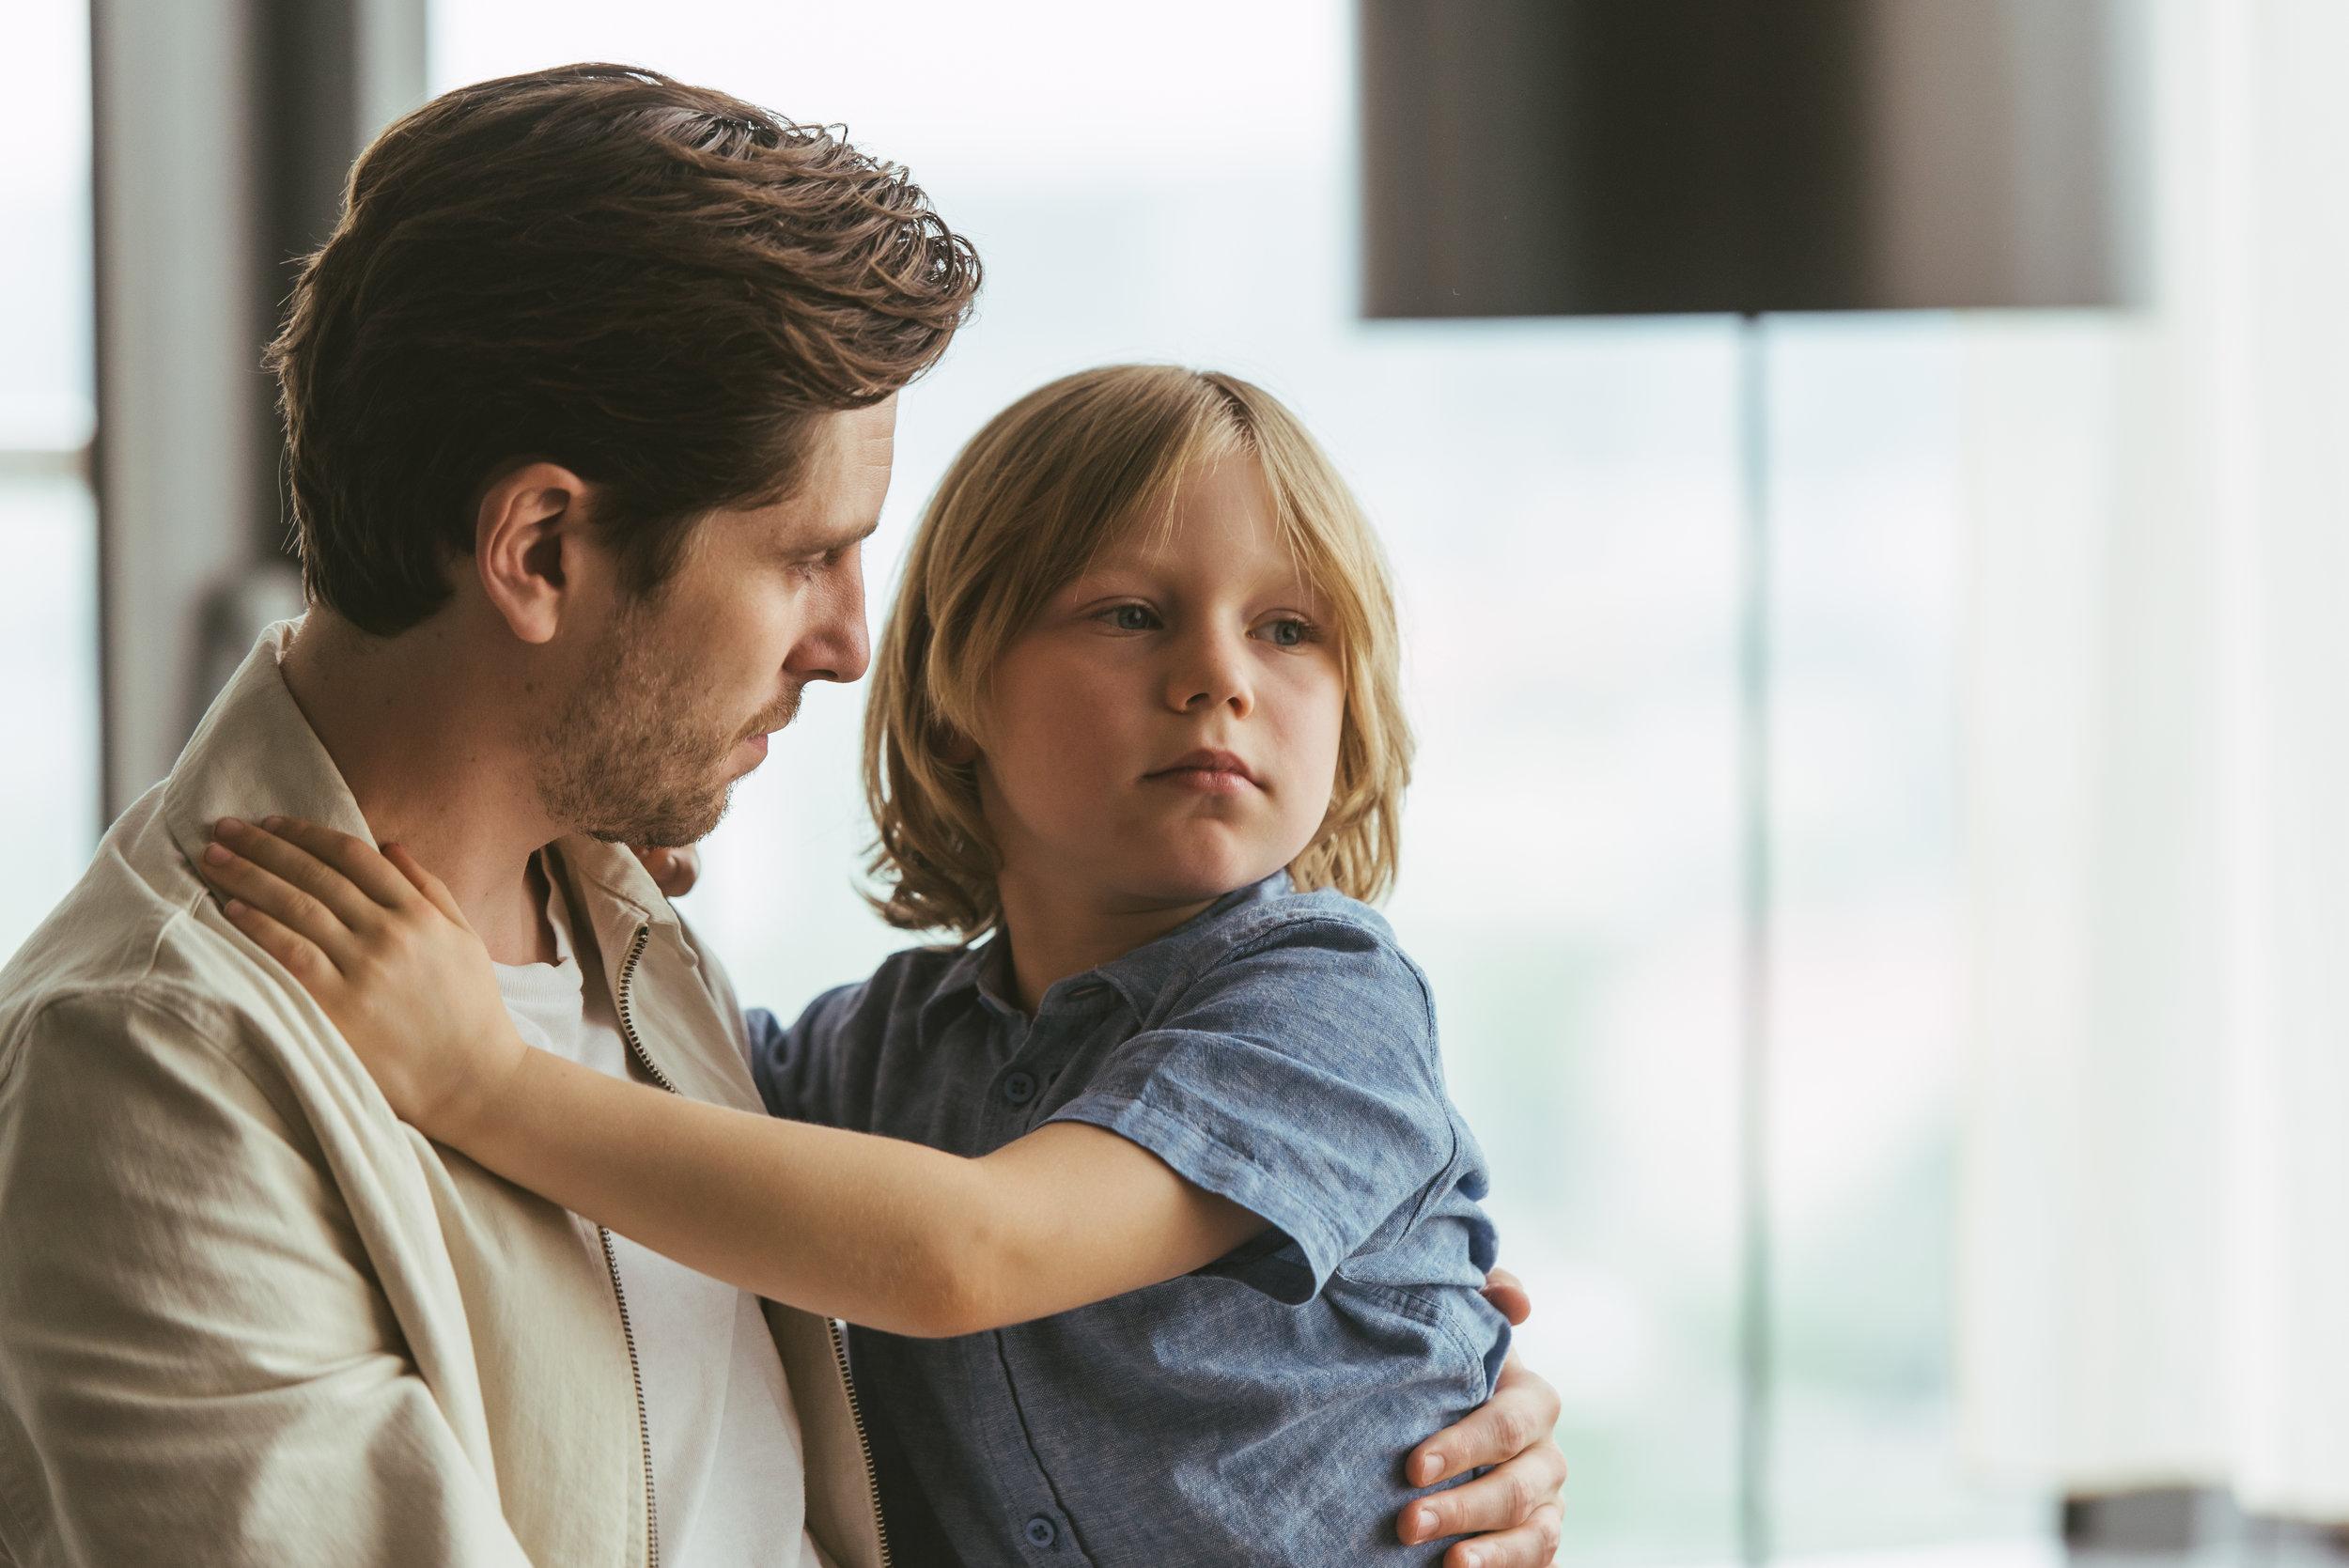 Musikerpappaen Nils (Sverrir Gudnason) er mer opptatt av egen karriere enn å ta vare på barna sine.